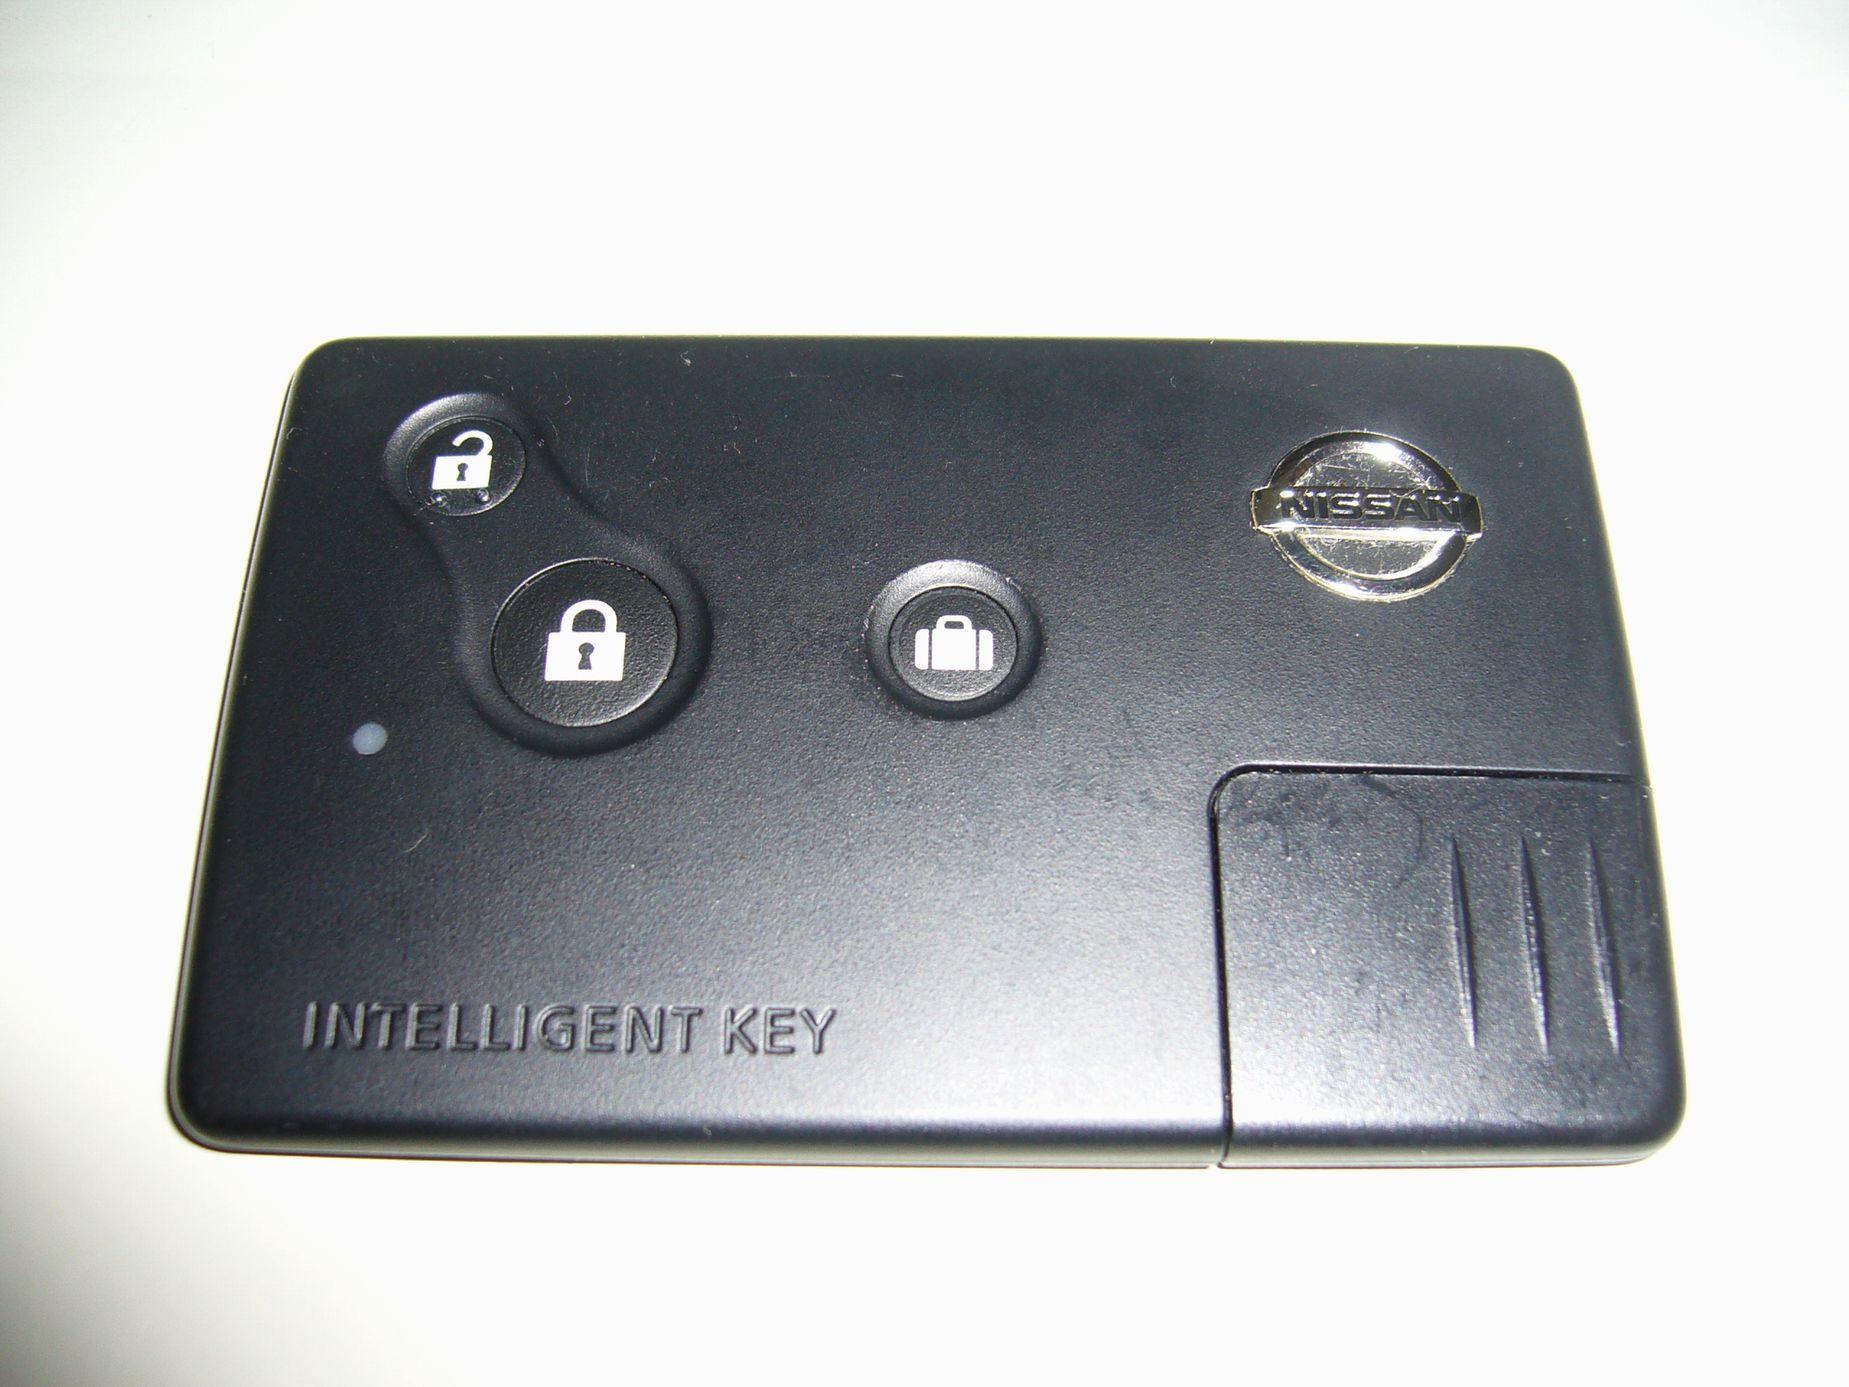 Nissan Intelligent Key - Filenissan Intelligent Key J Jpg Wikimedia Commons